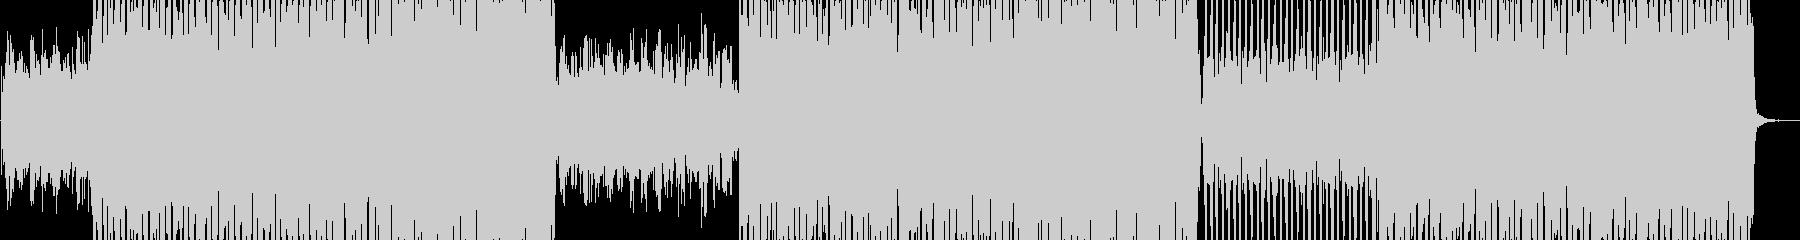 ヒューマンボイスを軸にEDM調で展開。の未再生の波形